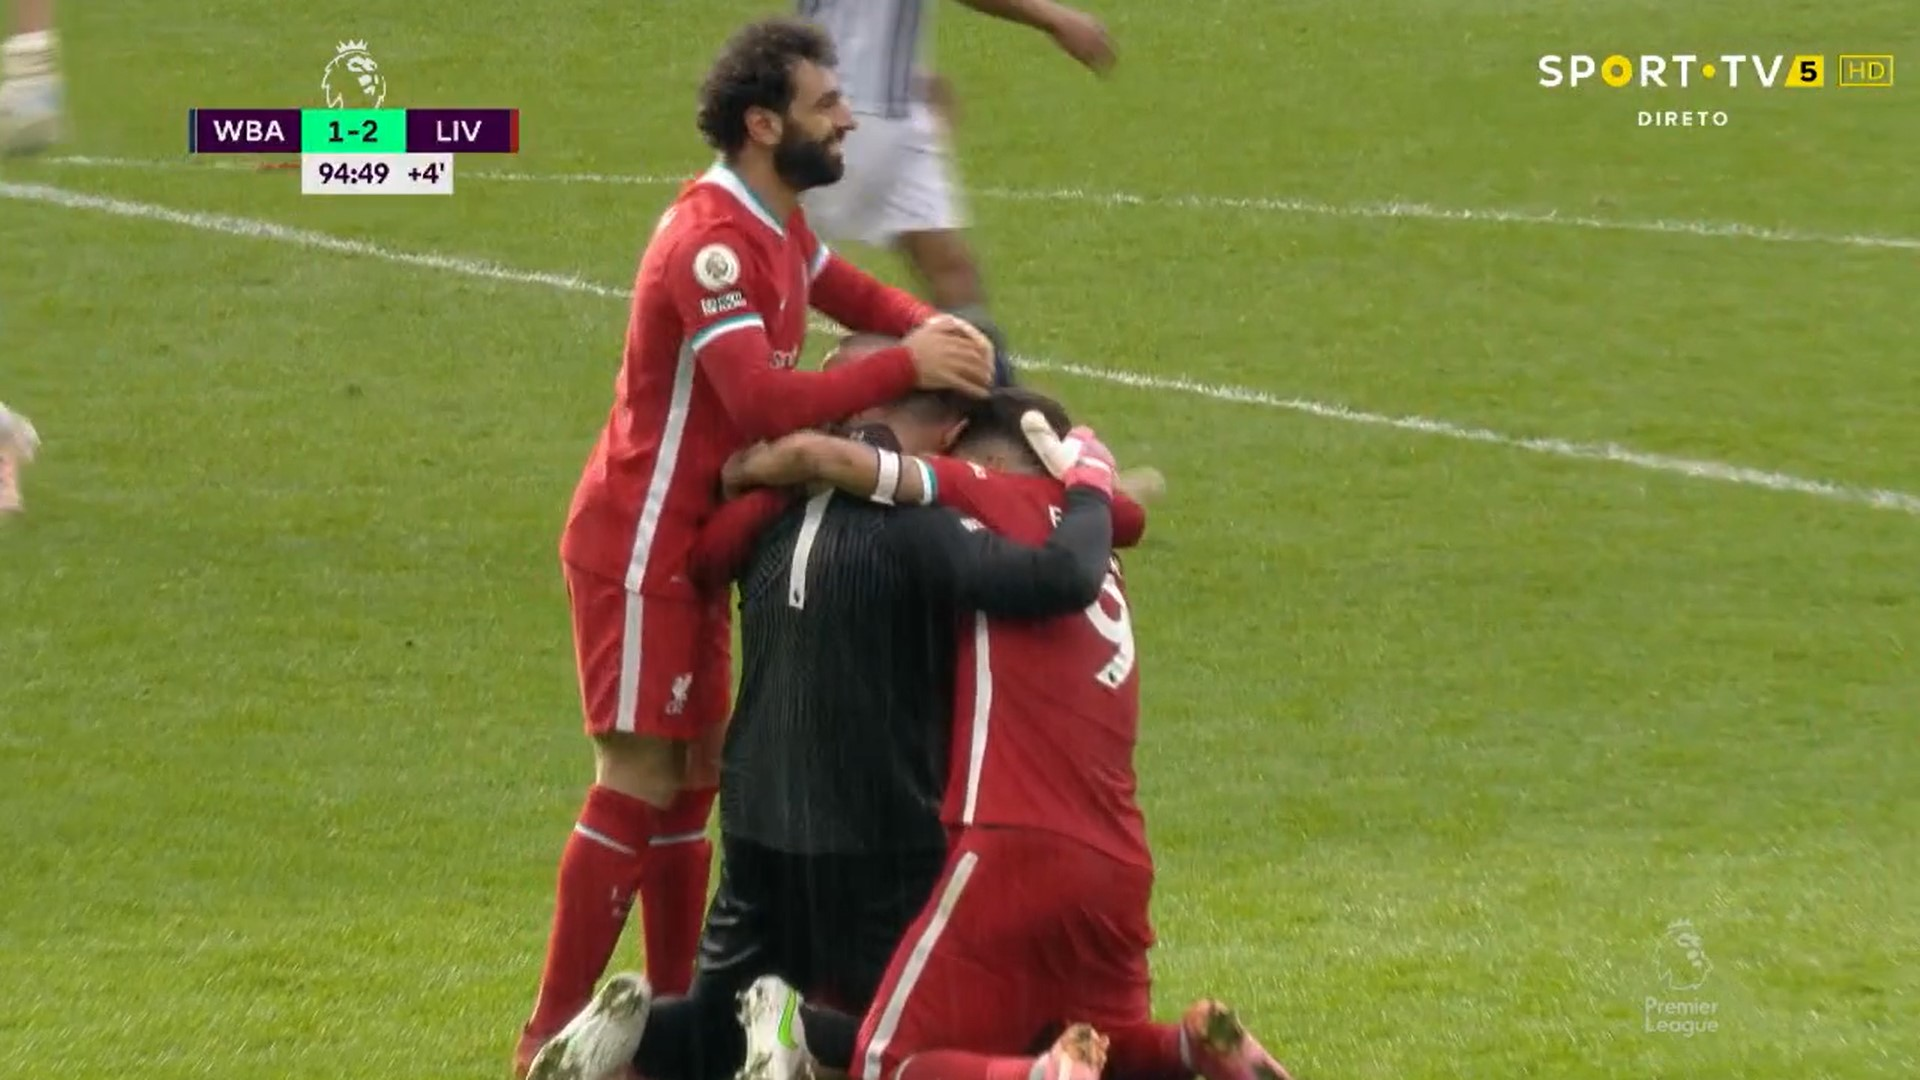 Premier League (36ª Jornada): Resumo West Bromwich Albion 1-2 Liverpool